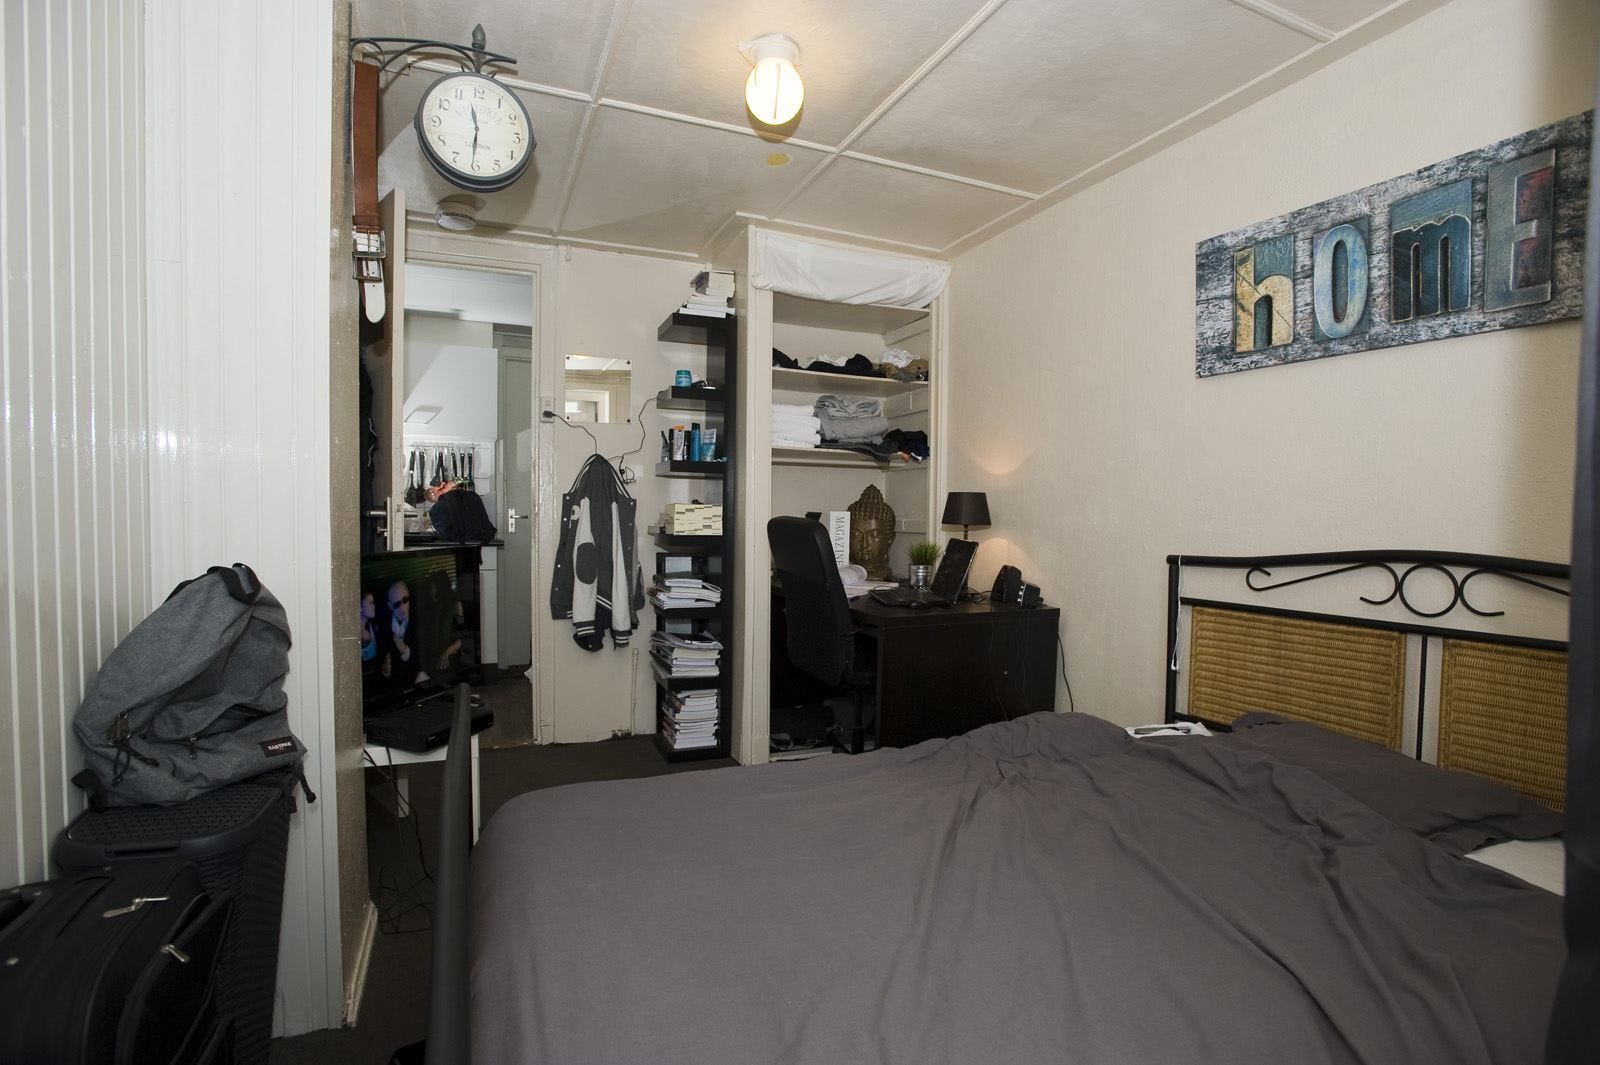 Kleine Slaapkamer Creatief Inrichten : Mijn bureau staat in de kast ...